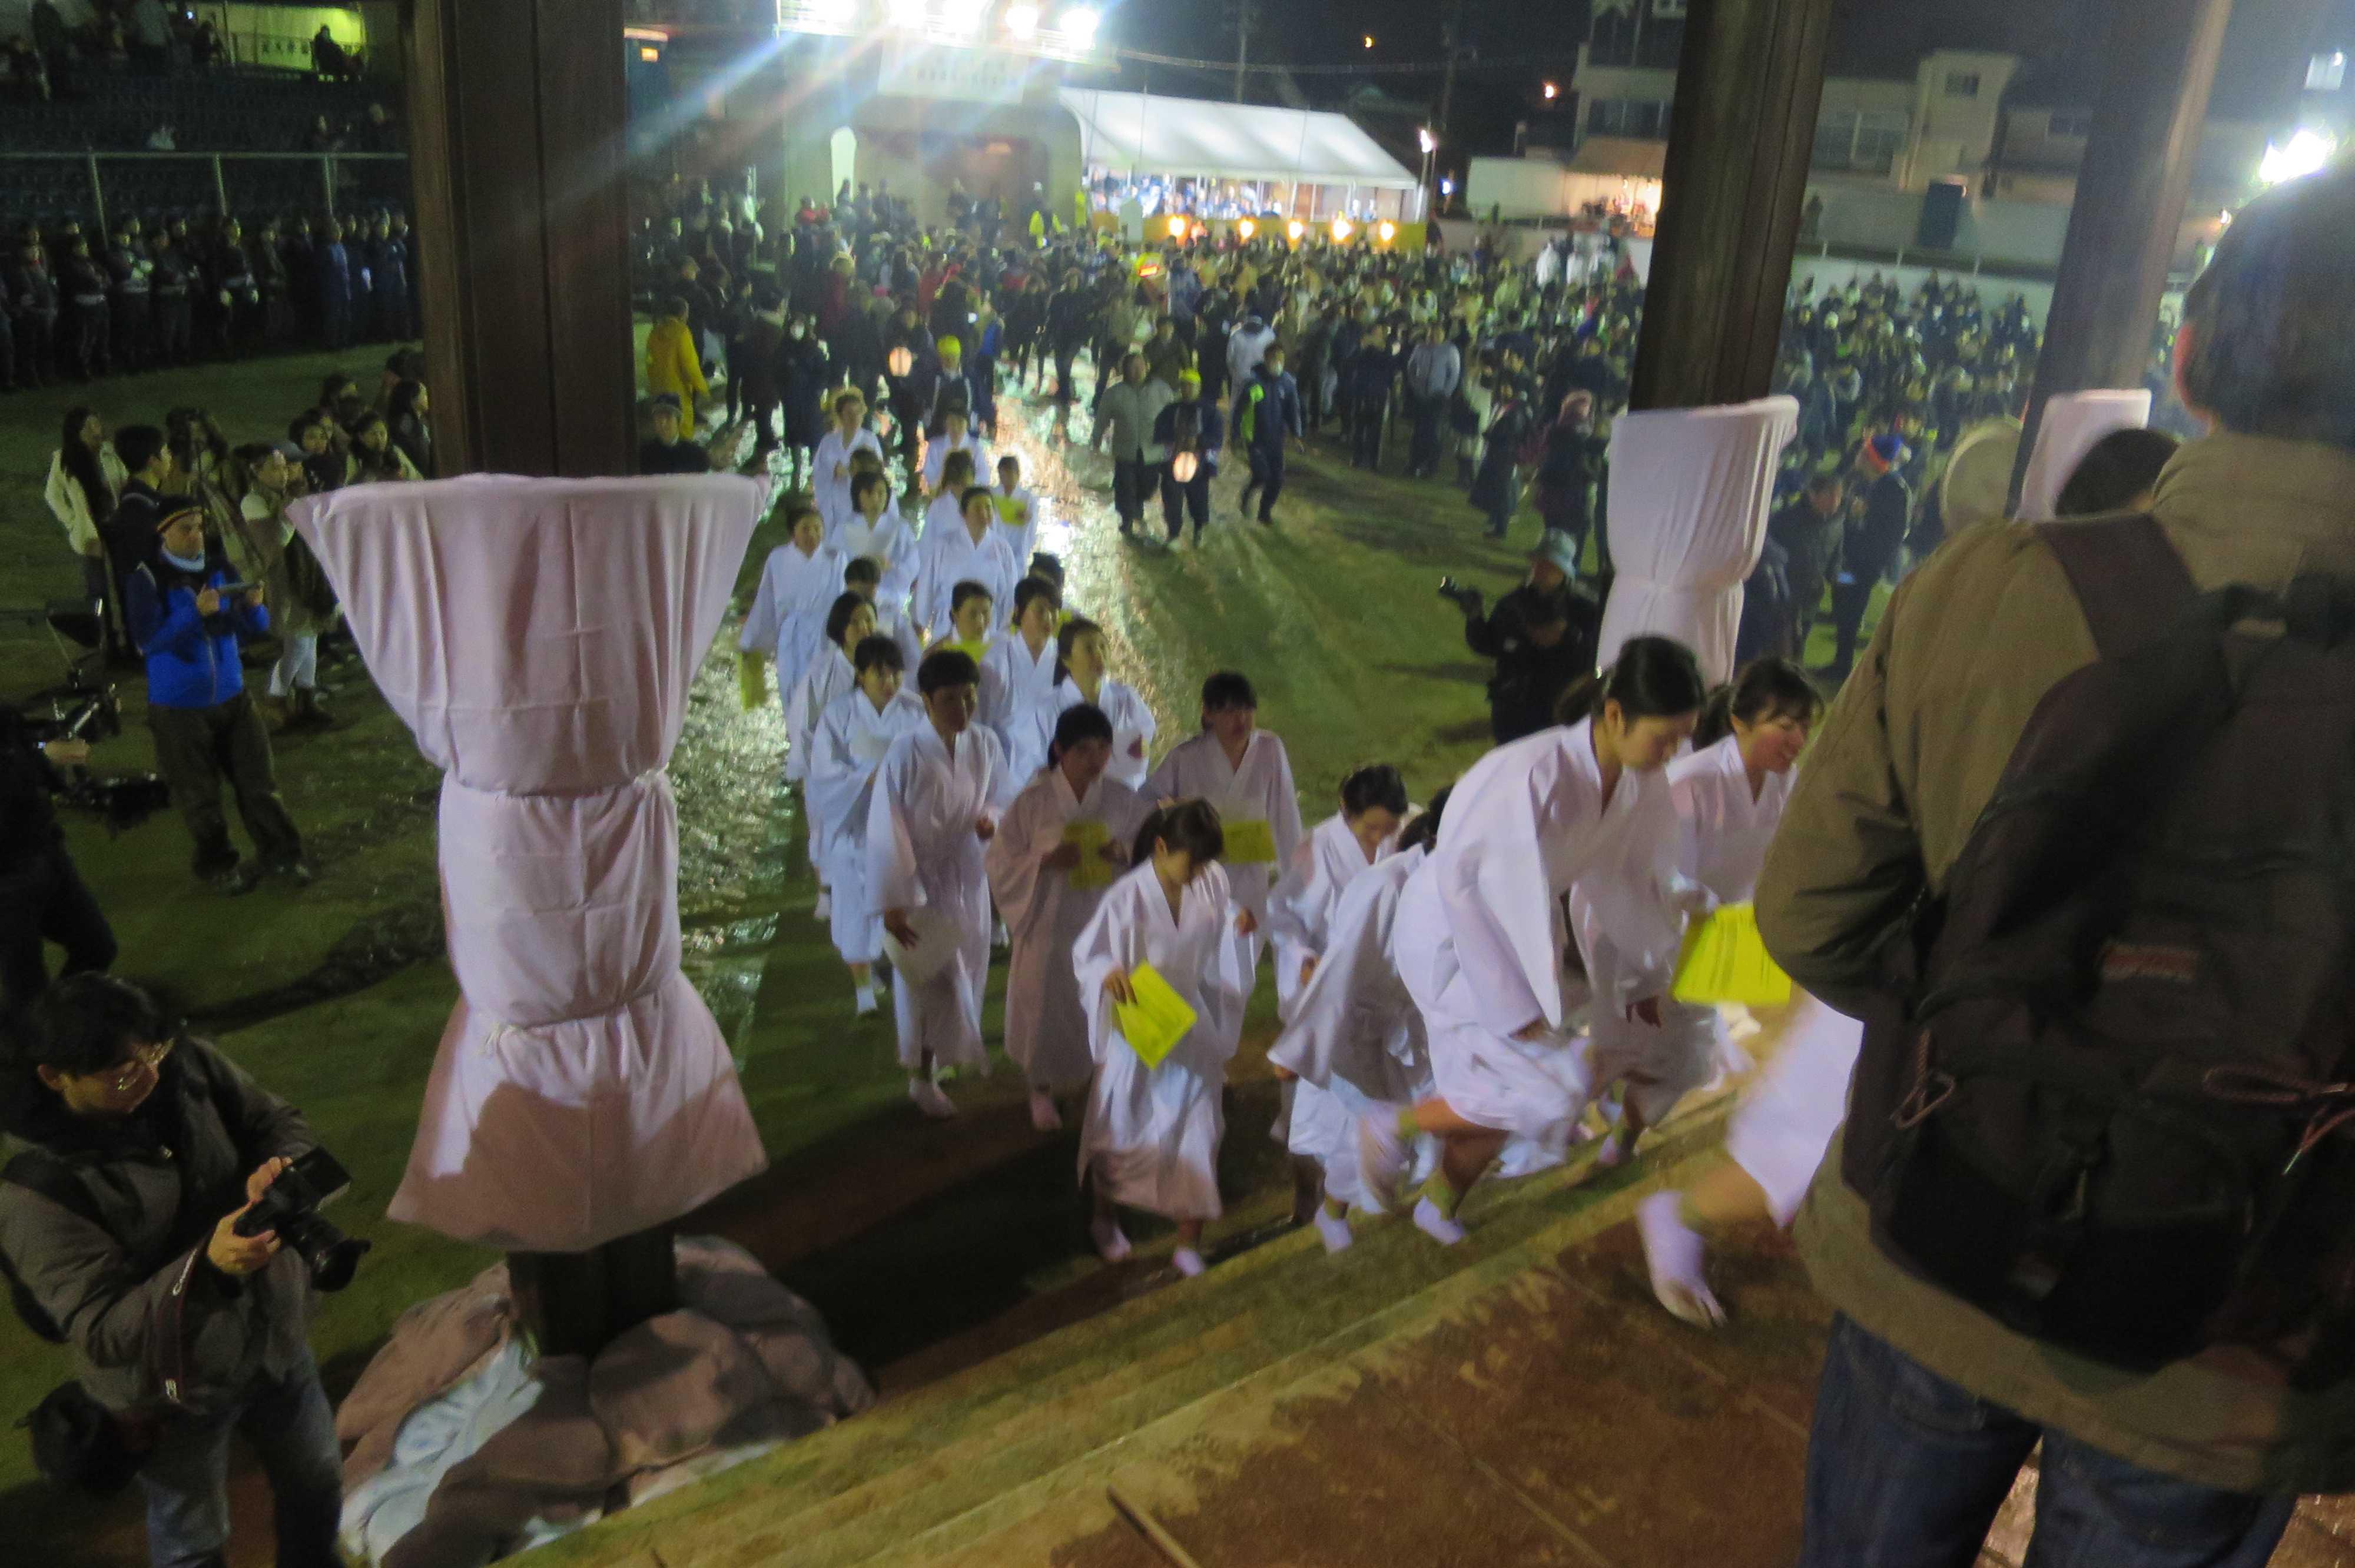 西大寺会陽 - 白装束・滝衣の女性(本堂大床)